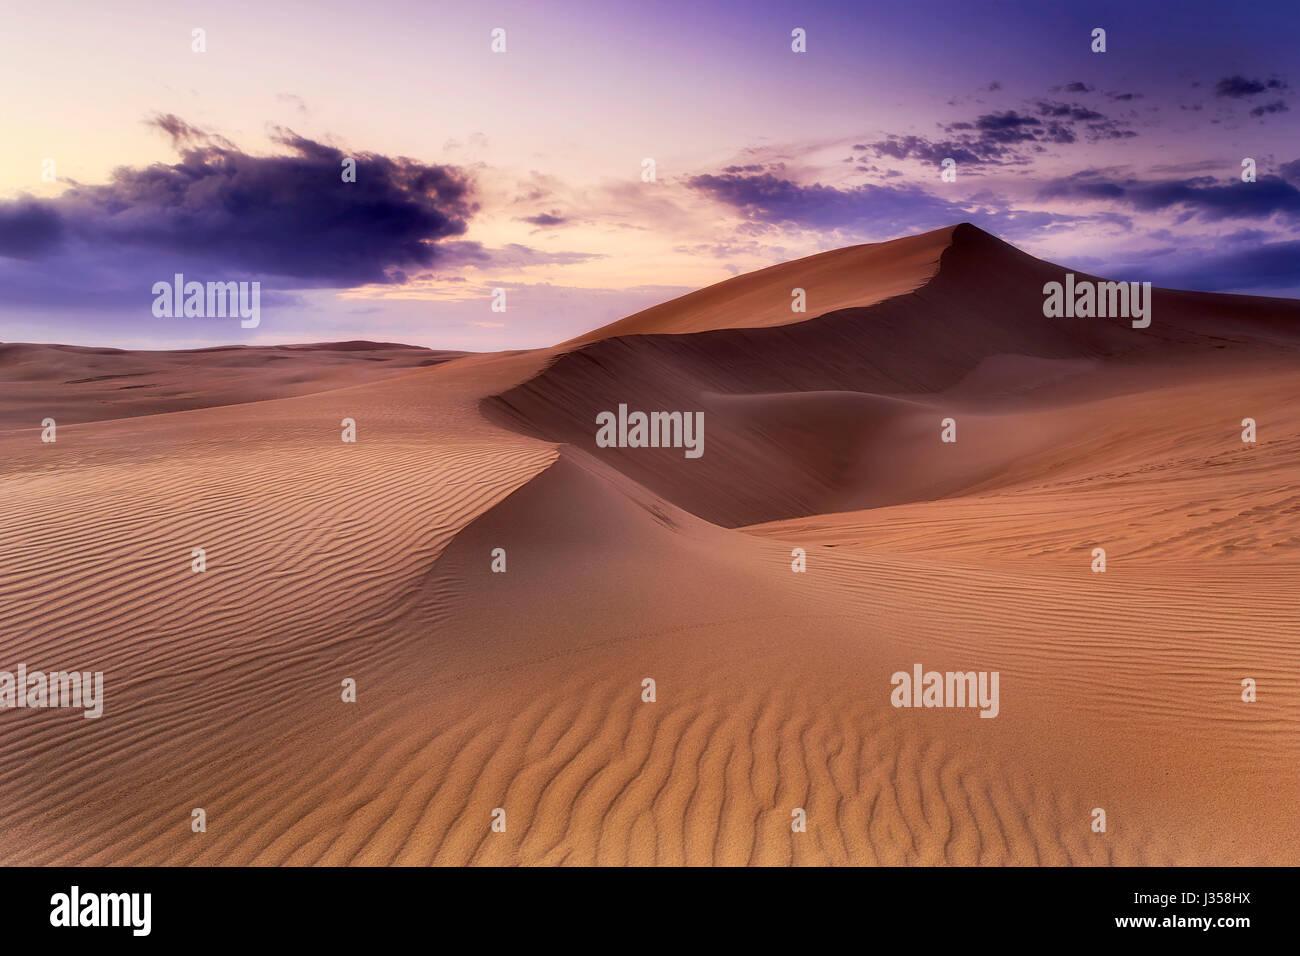 Esanime di deserto di sabbia con la catena di dune di sunrise. Stockton Beach le dune di sabbia in NSW, Australia. Immagini Stock